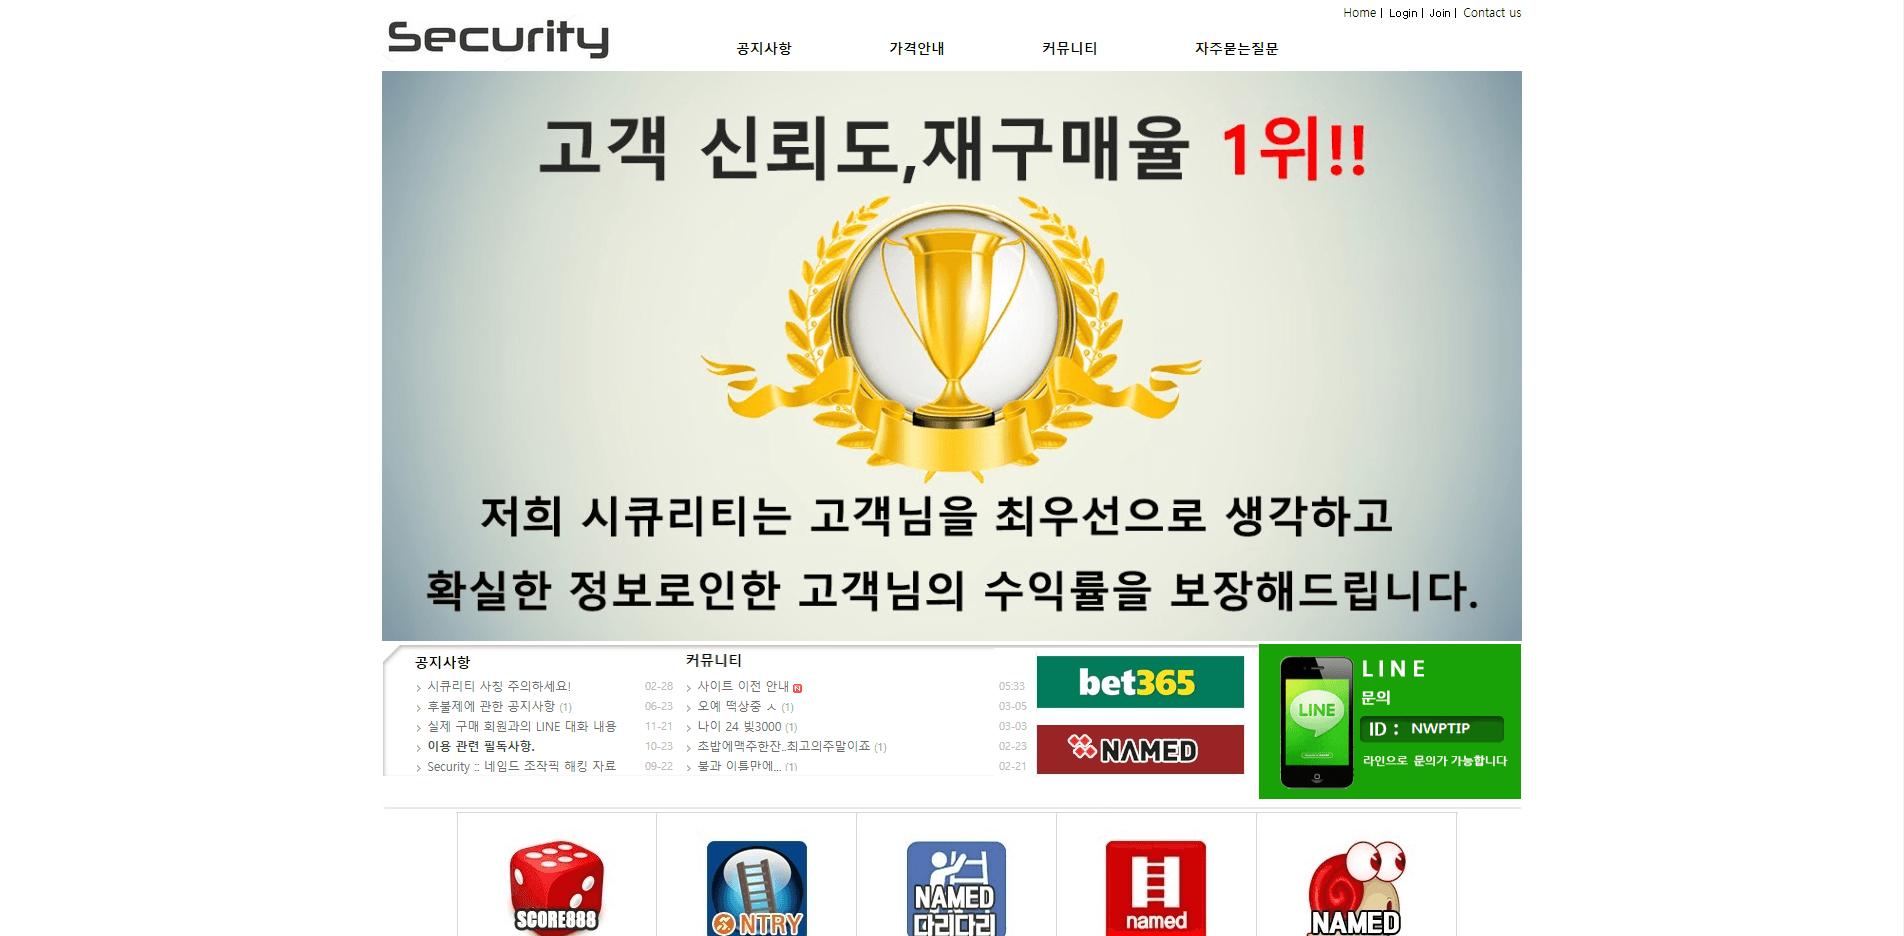 [먹튀검증]시큐리티(Security)먹튀사이트확정 시큐리티tip.com토토사이트 먹튀검증업체 토토안내소